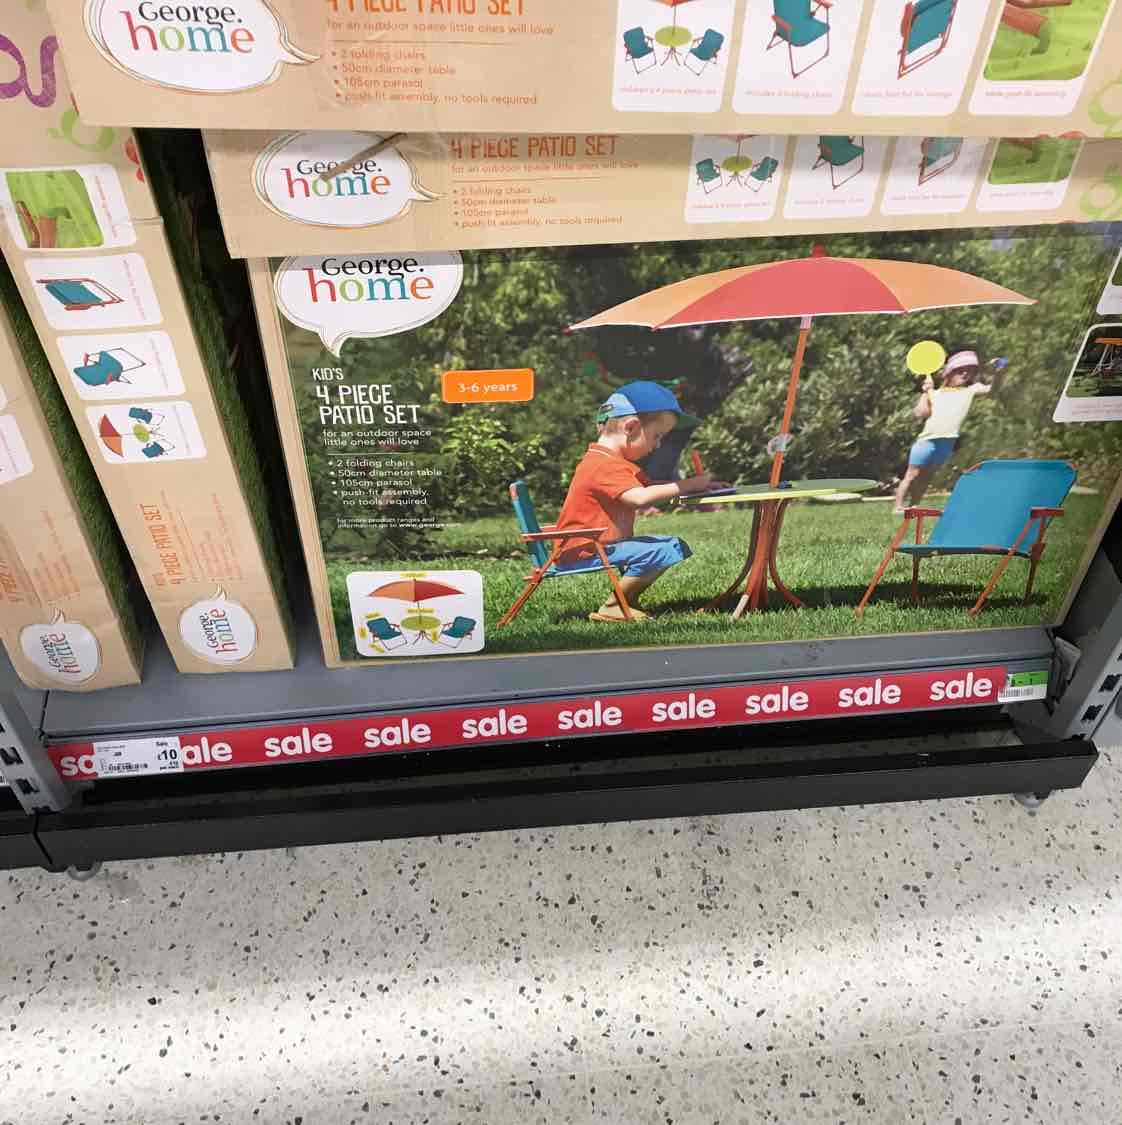 kids 4 piece patio set £10 Asda